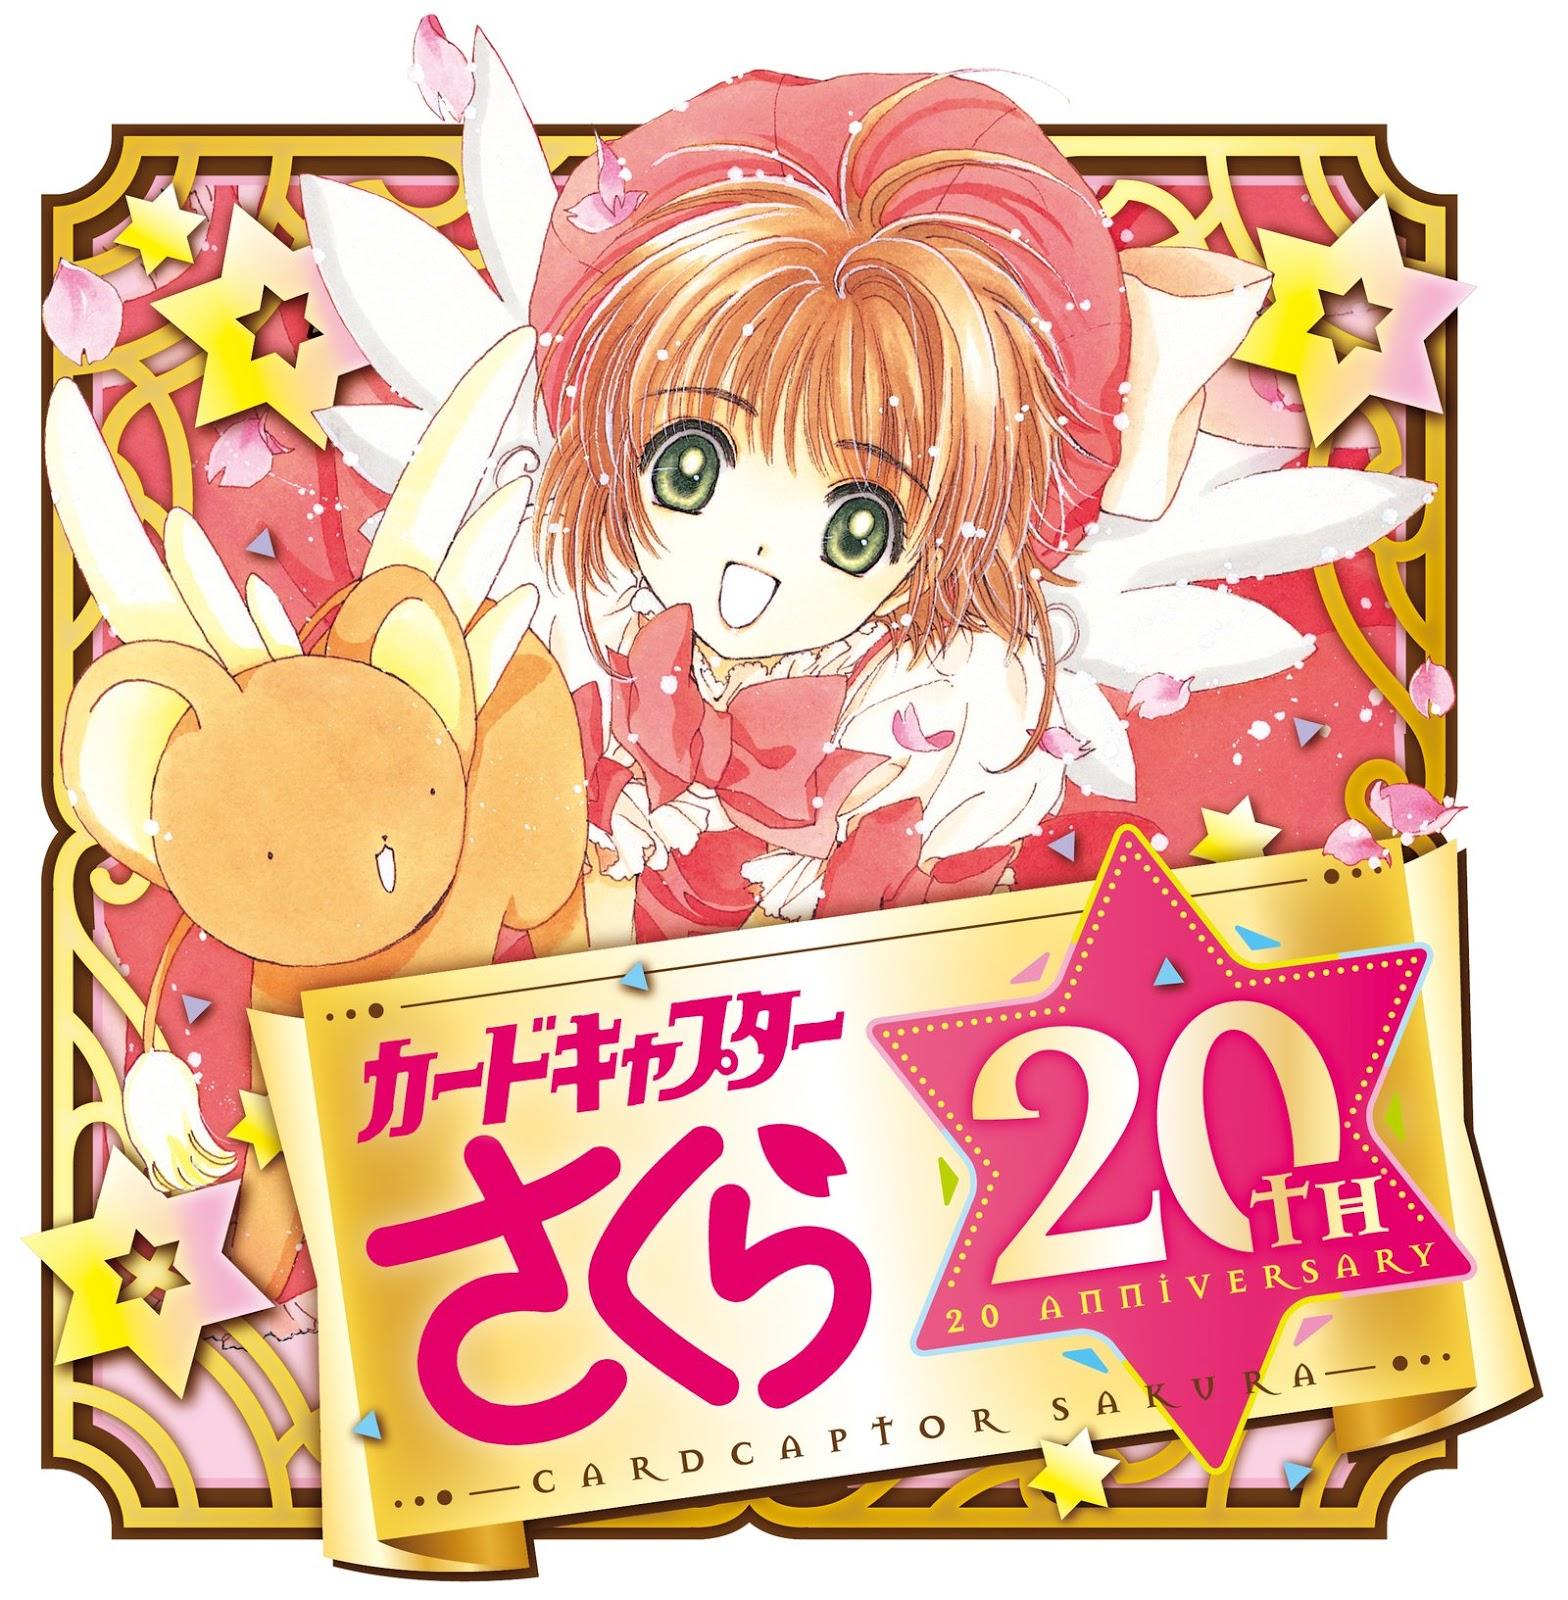 Novos detalhes do novo Anime de Sakura Cardcaptor!